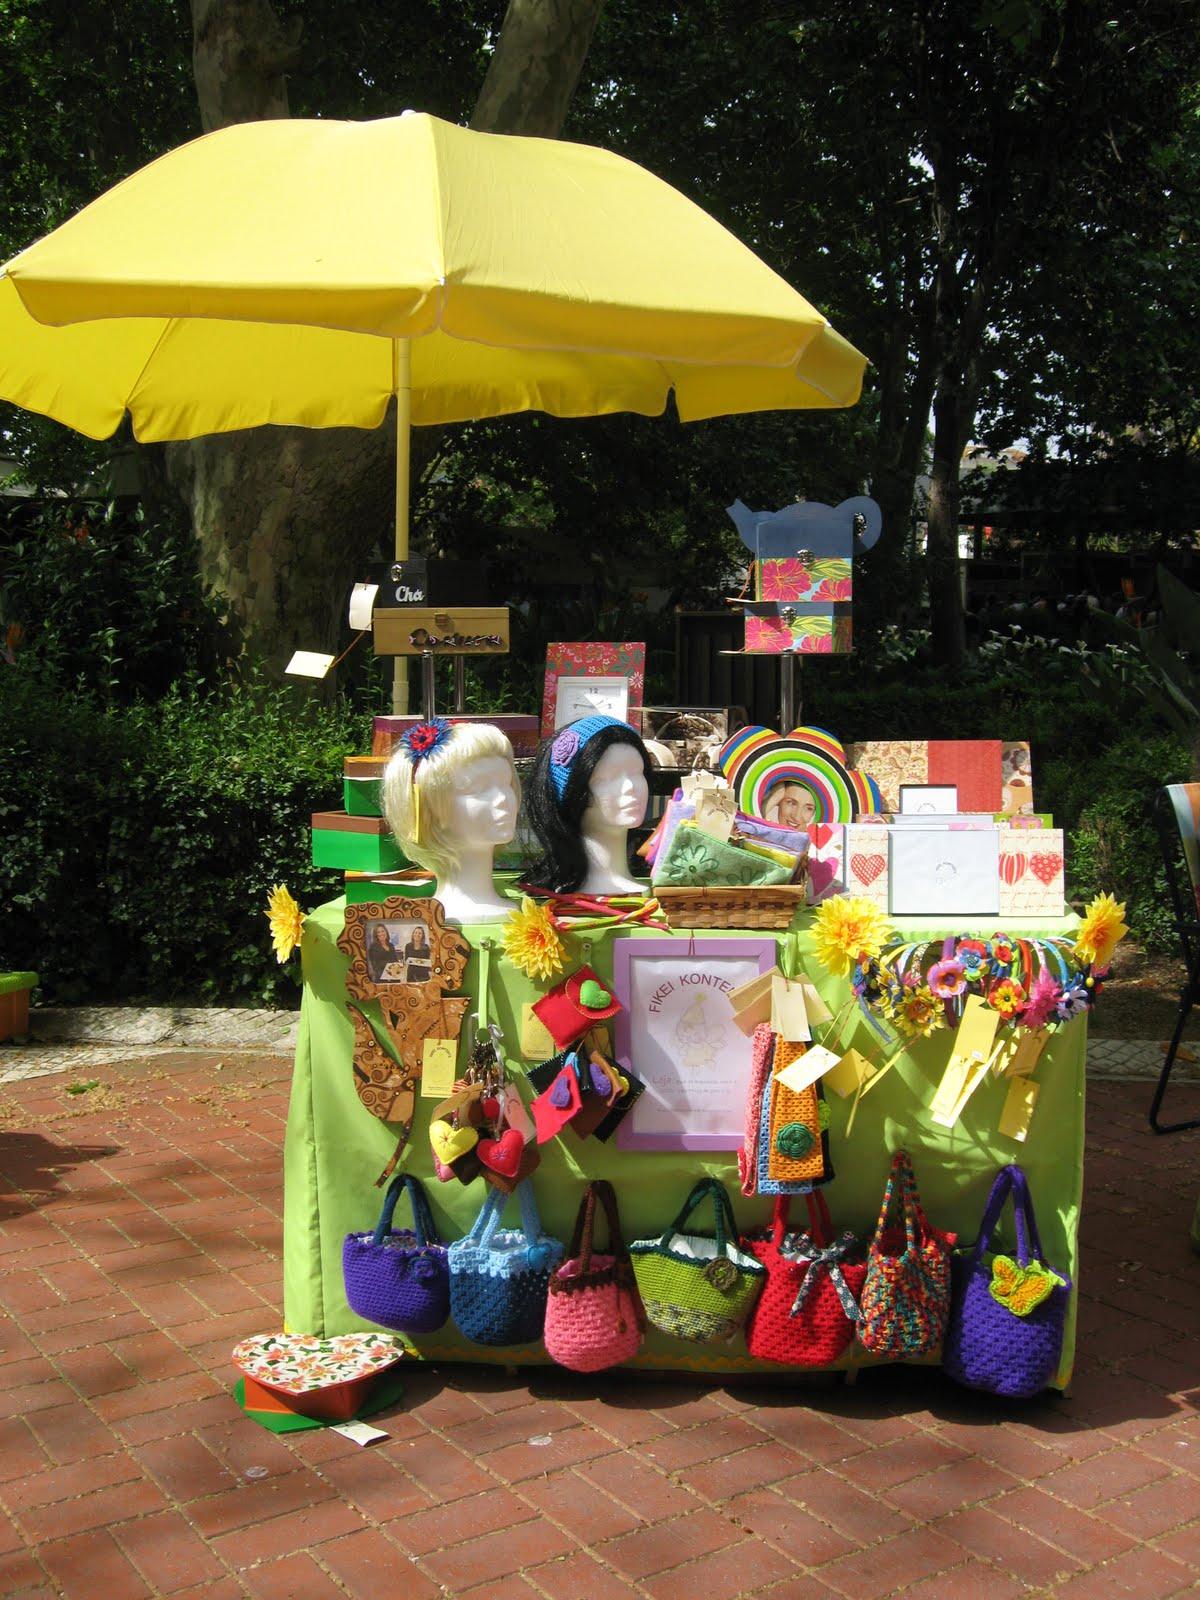 artesanato no jardim : Fikei Kontente - Artesanato: V Feira de Artesanato ...